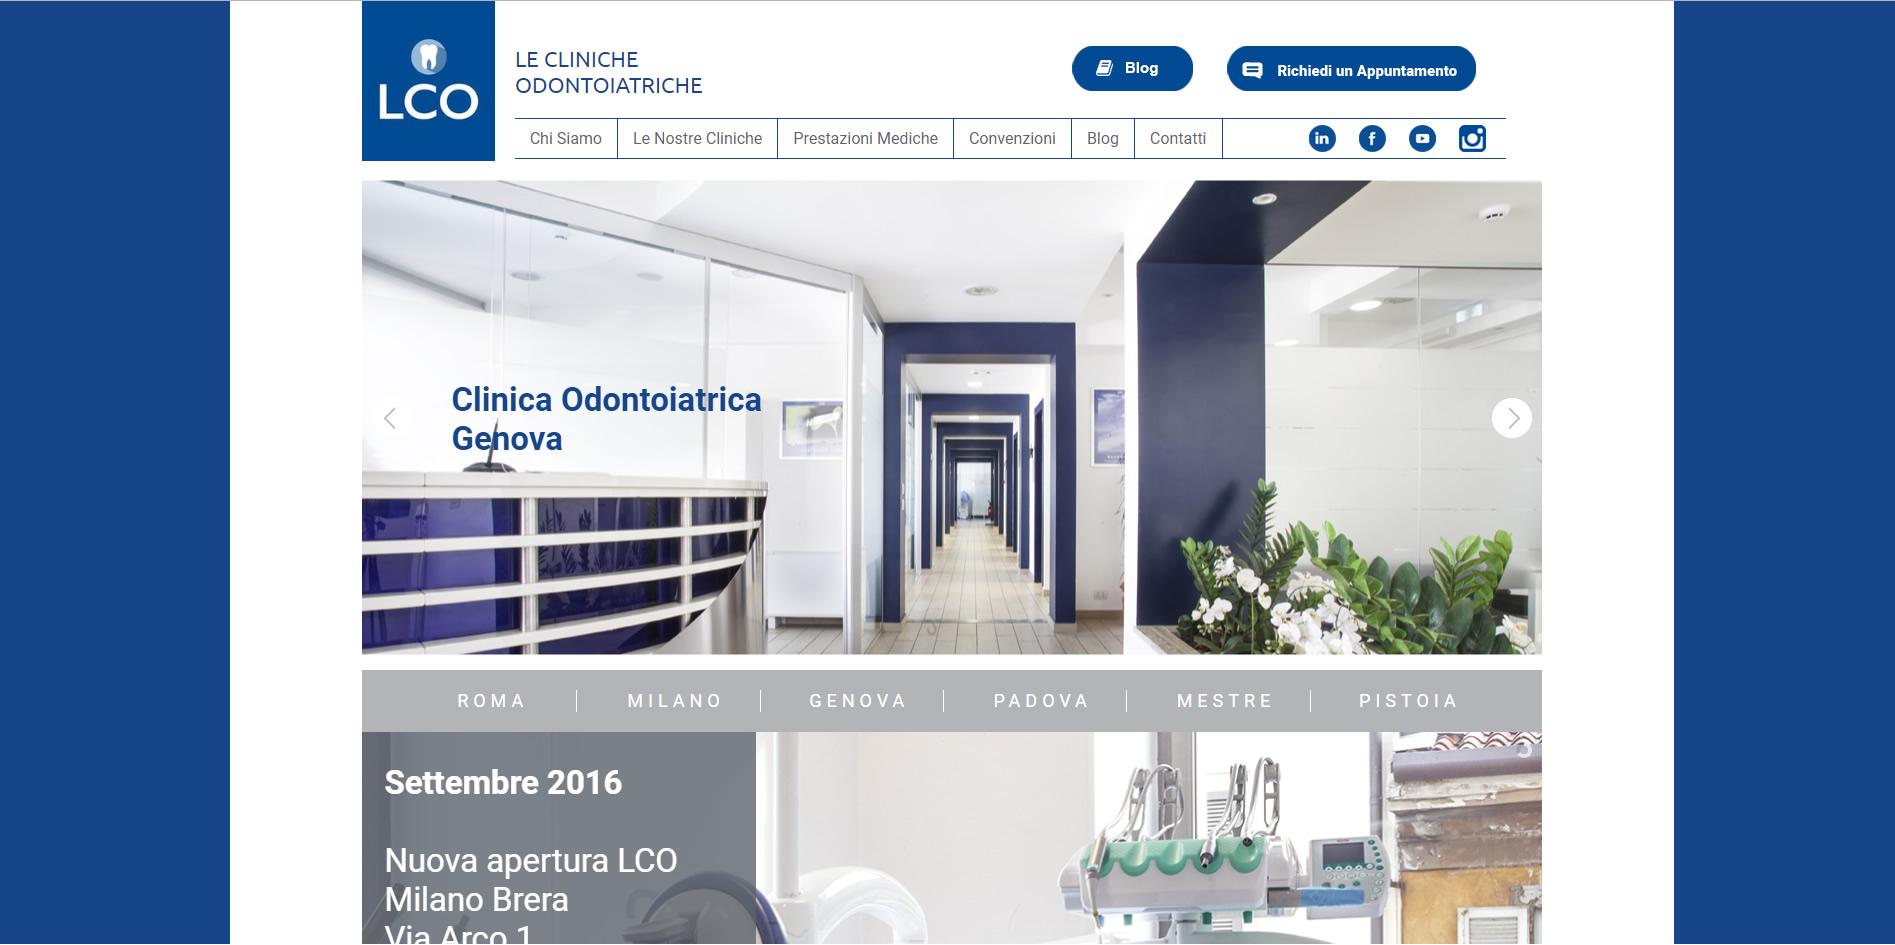 LCO Le Cliniche Odontoiatriche CSS FrontEnd Developer